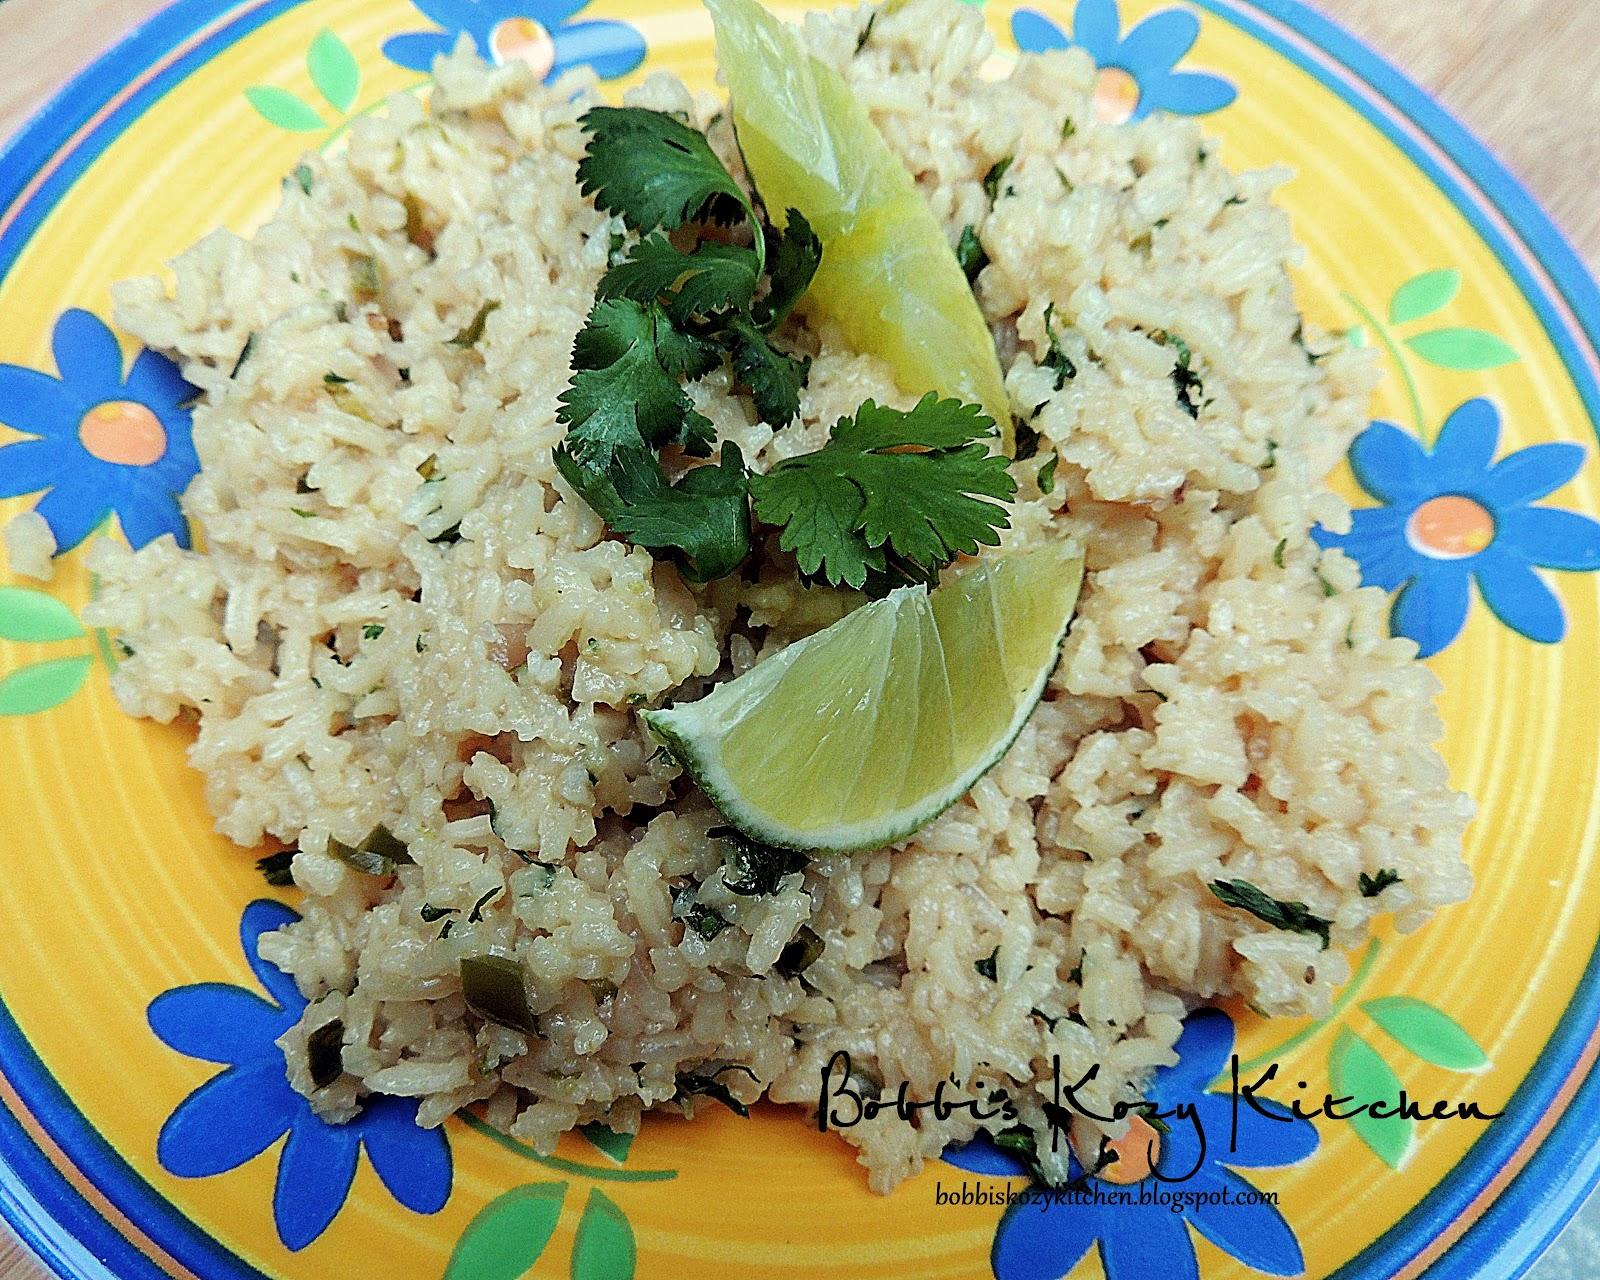 cilantro serrano rice cilantro serrano mexican rice cilantro serrano ...